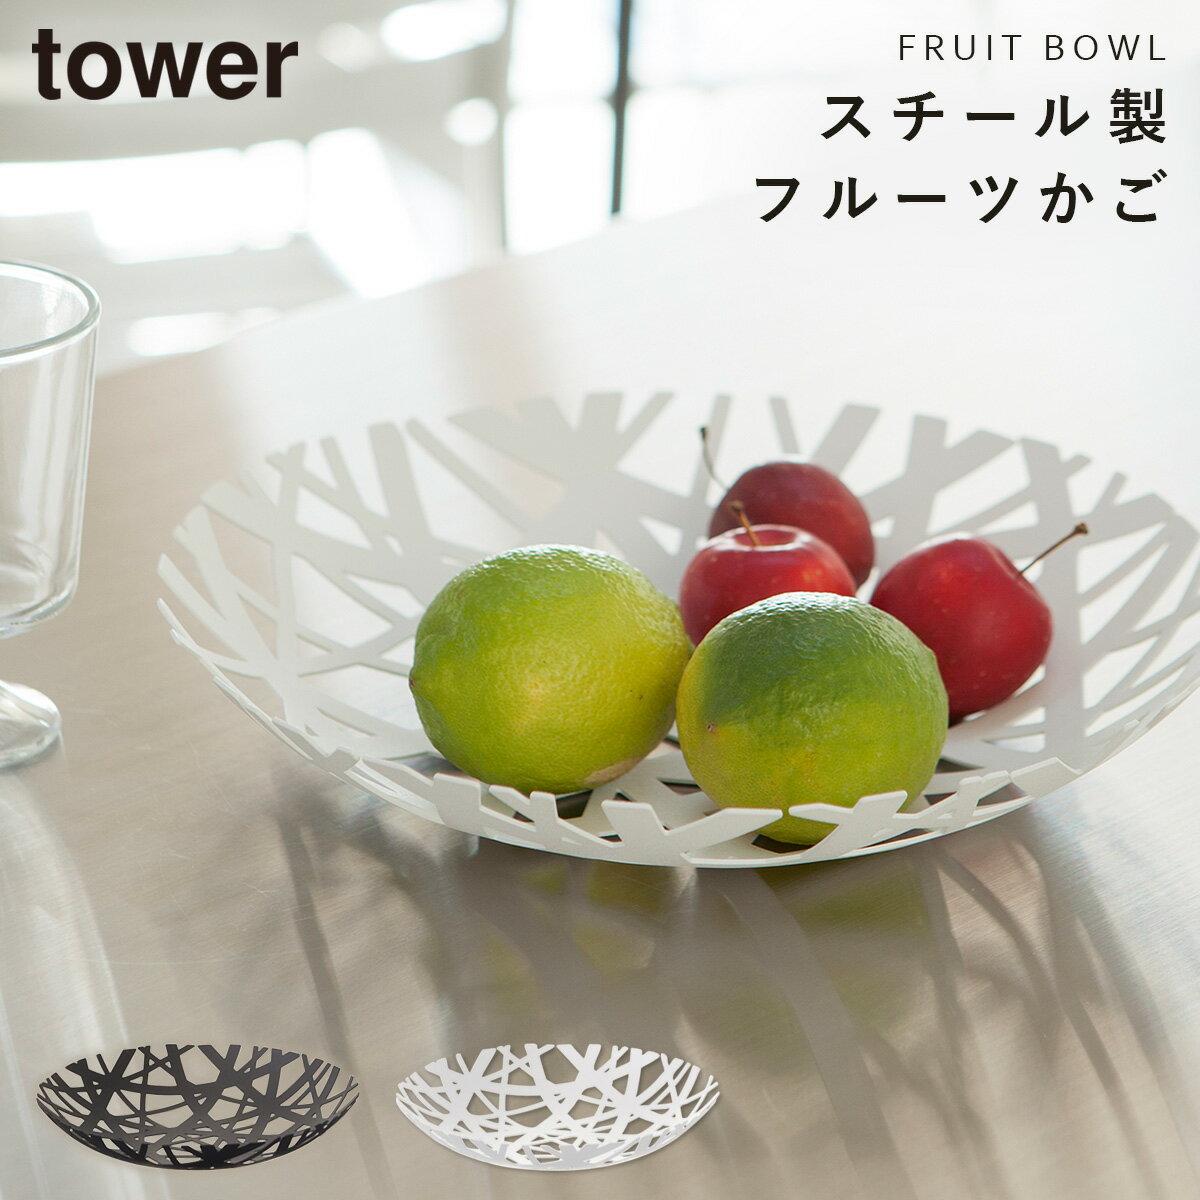 小物入れ トレイ かご カゴ フルーツ入れ 果物入れ フルーツボール タワー 白い 黒 tower 山崎実業